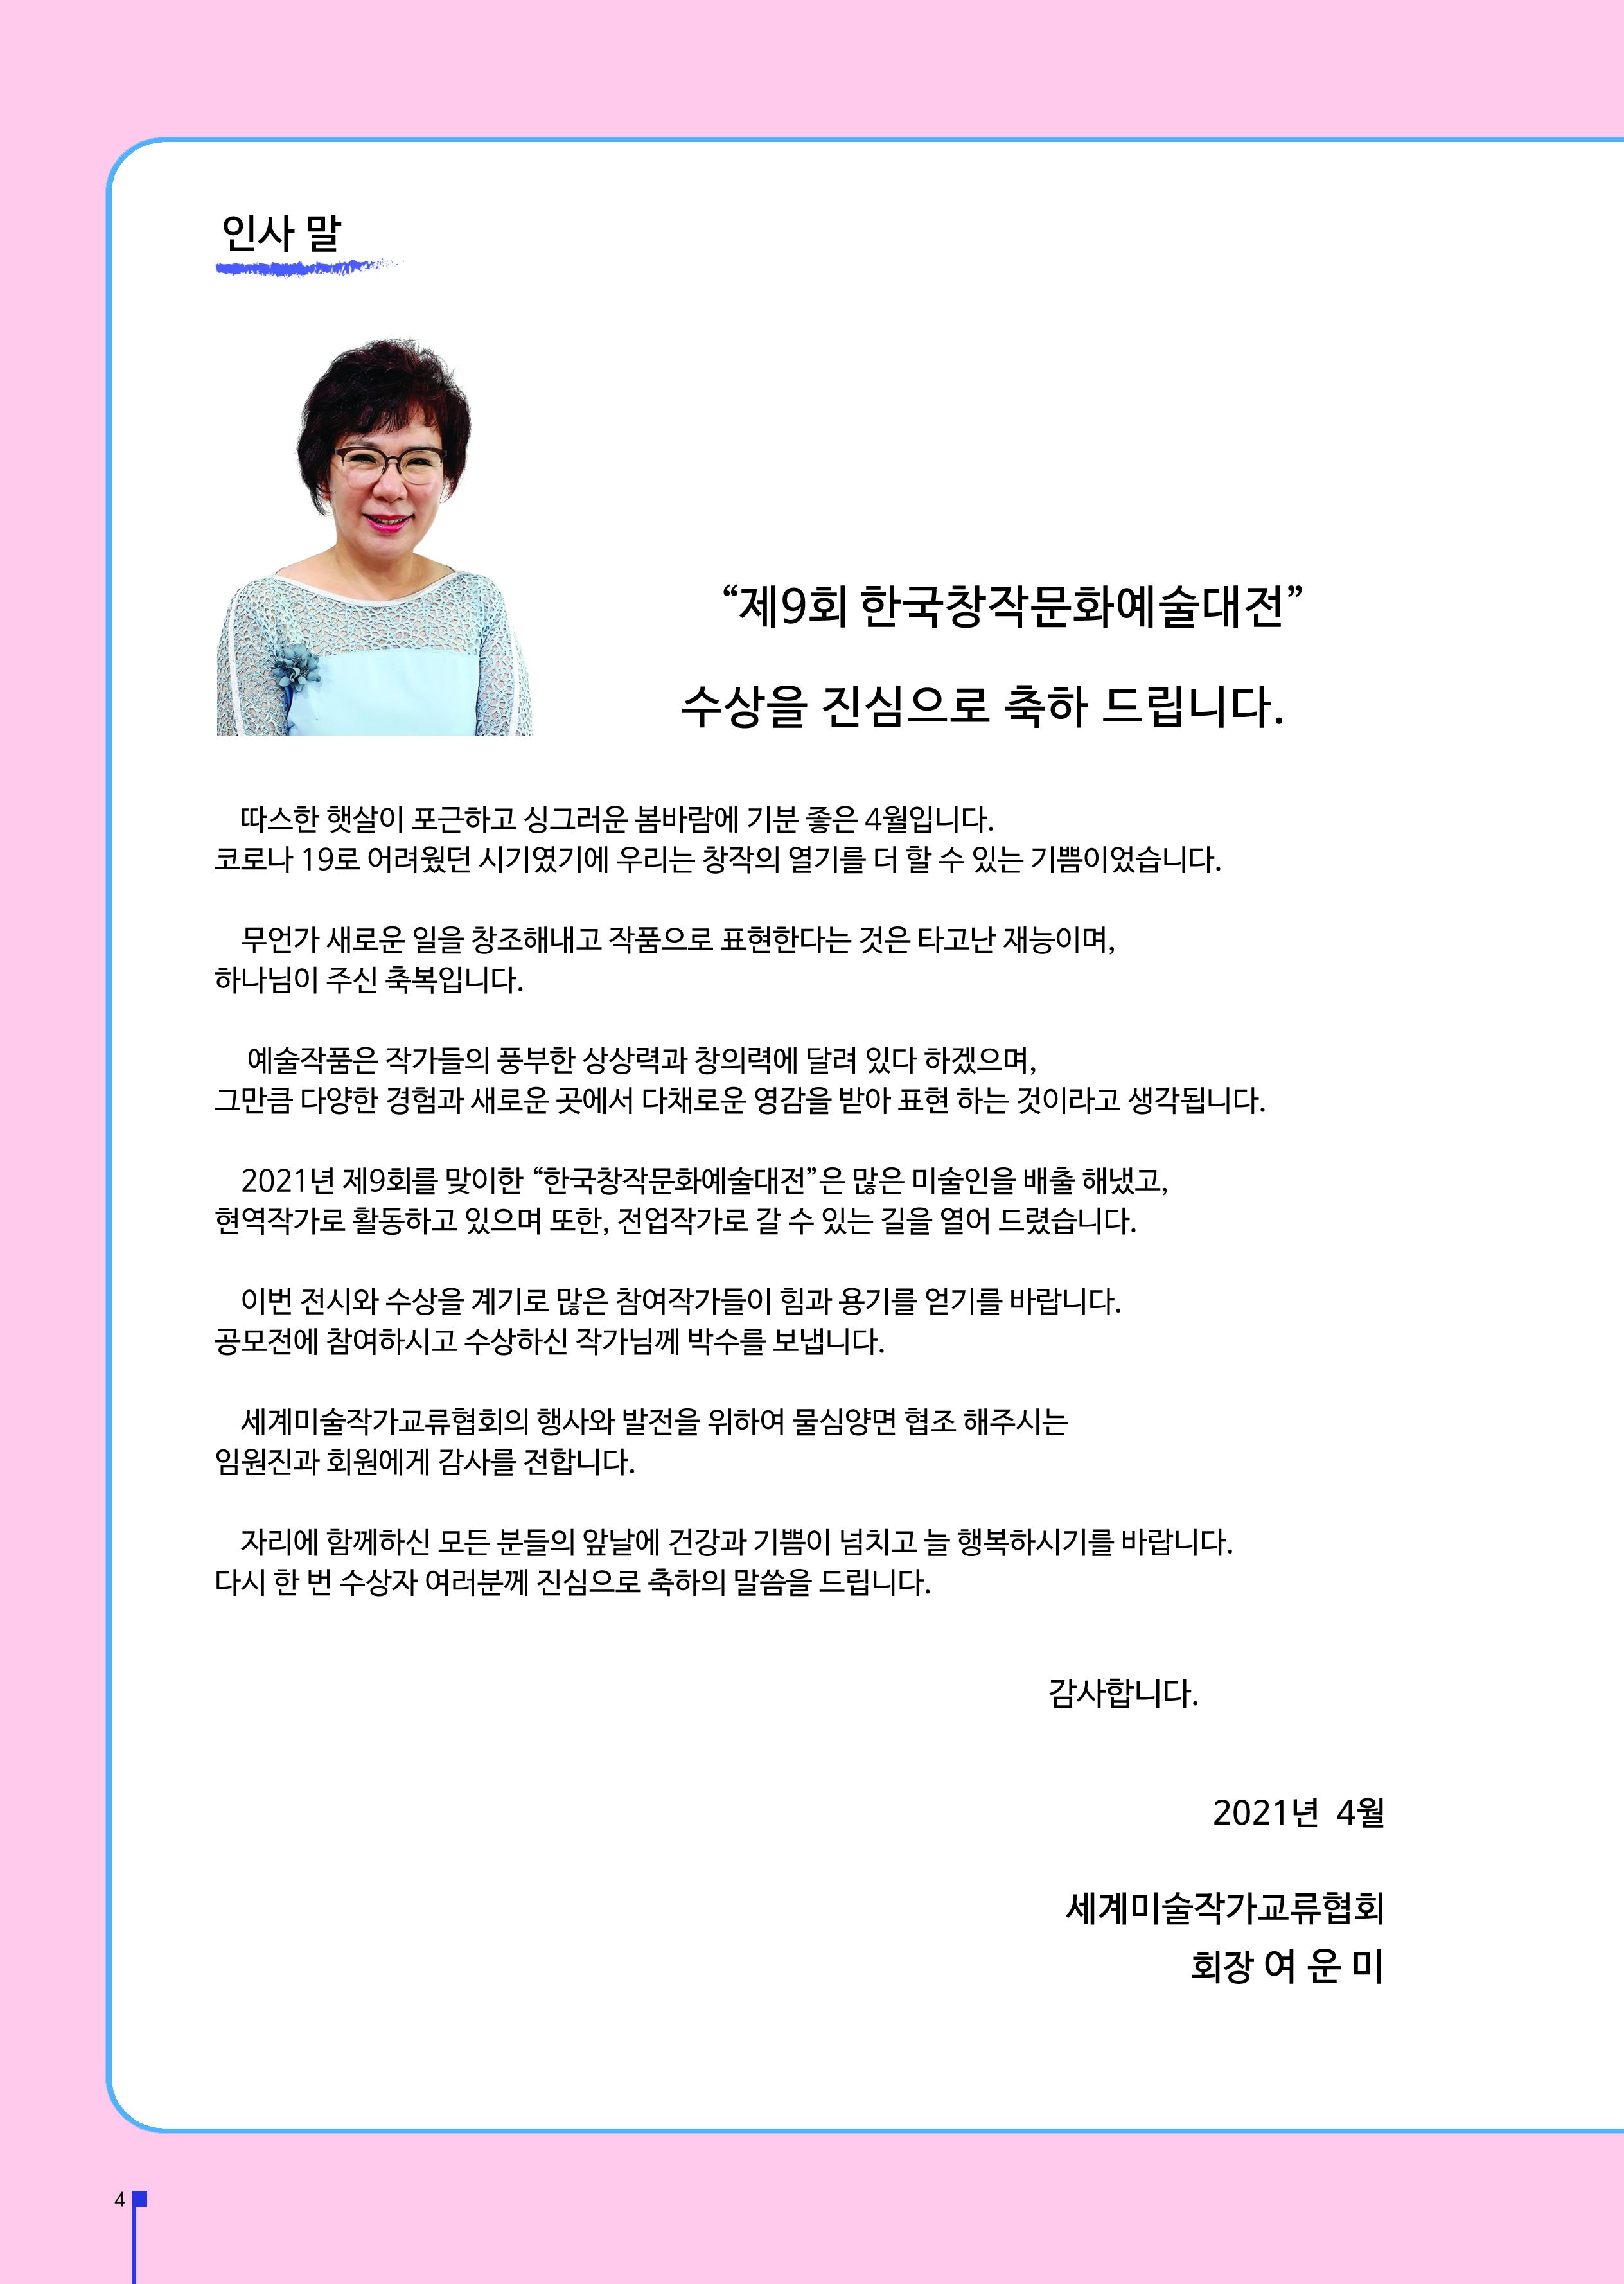 4_인사말_여운미 회장.jpg